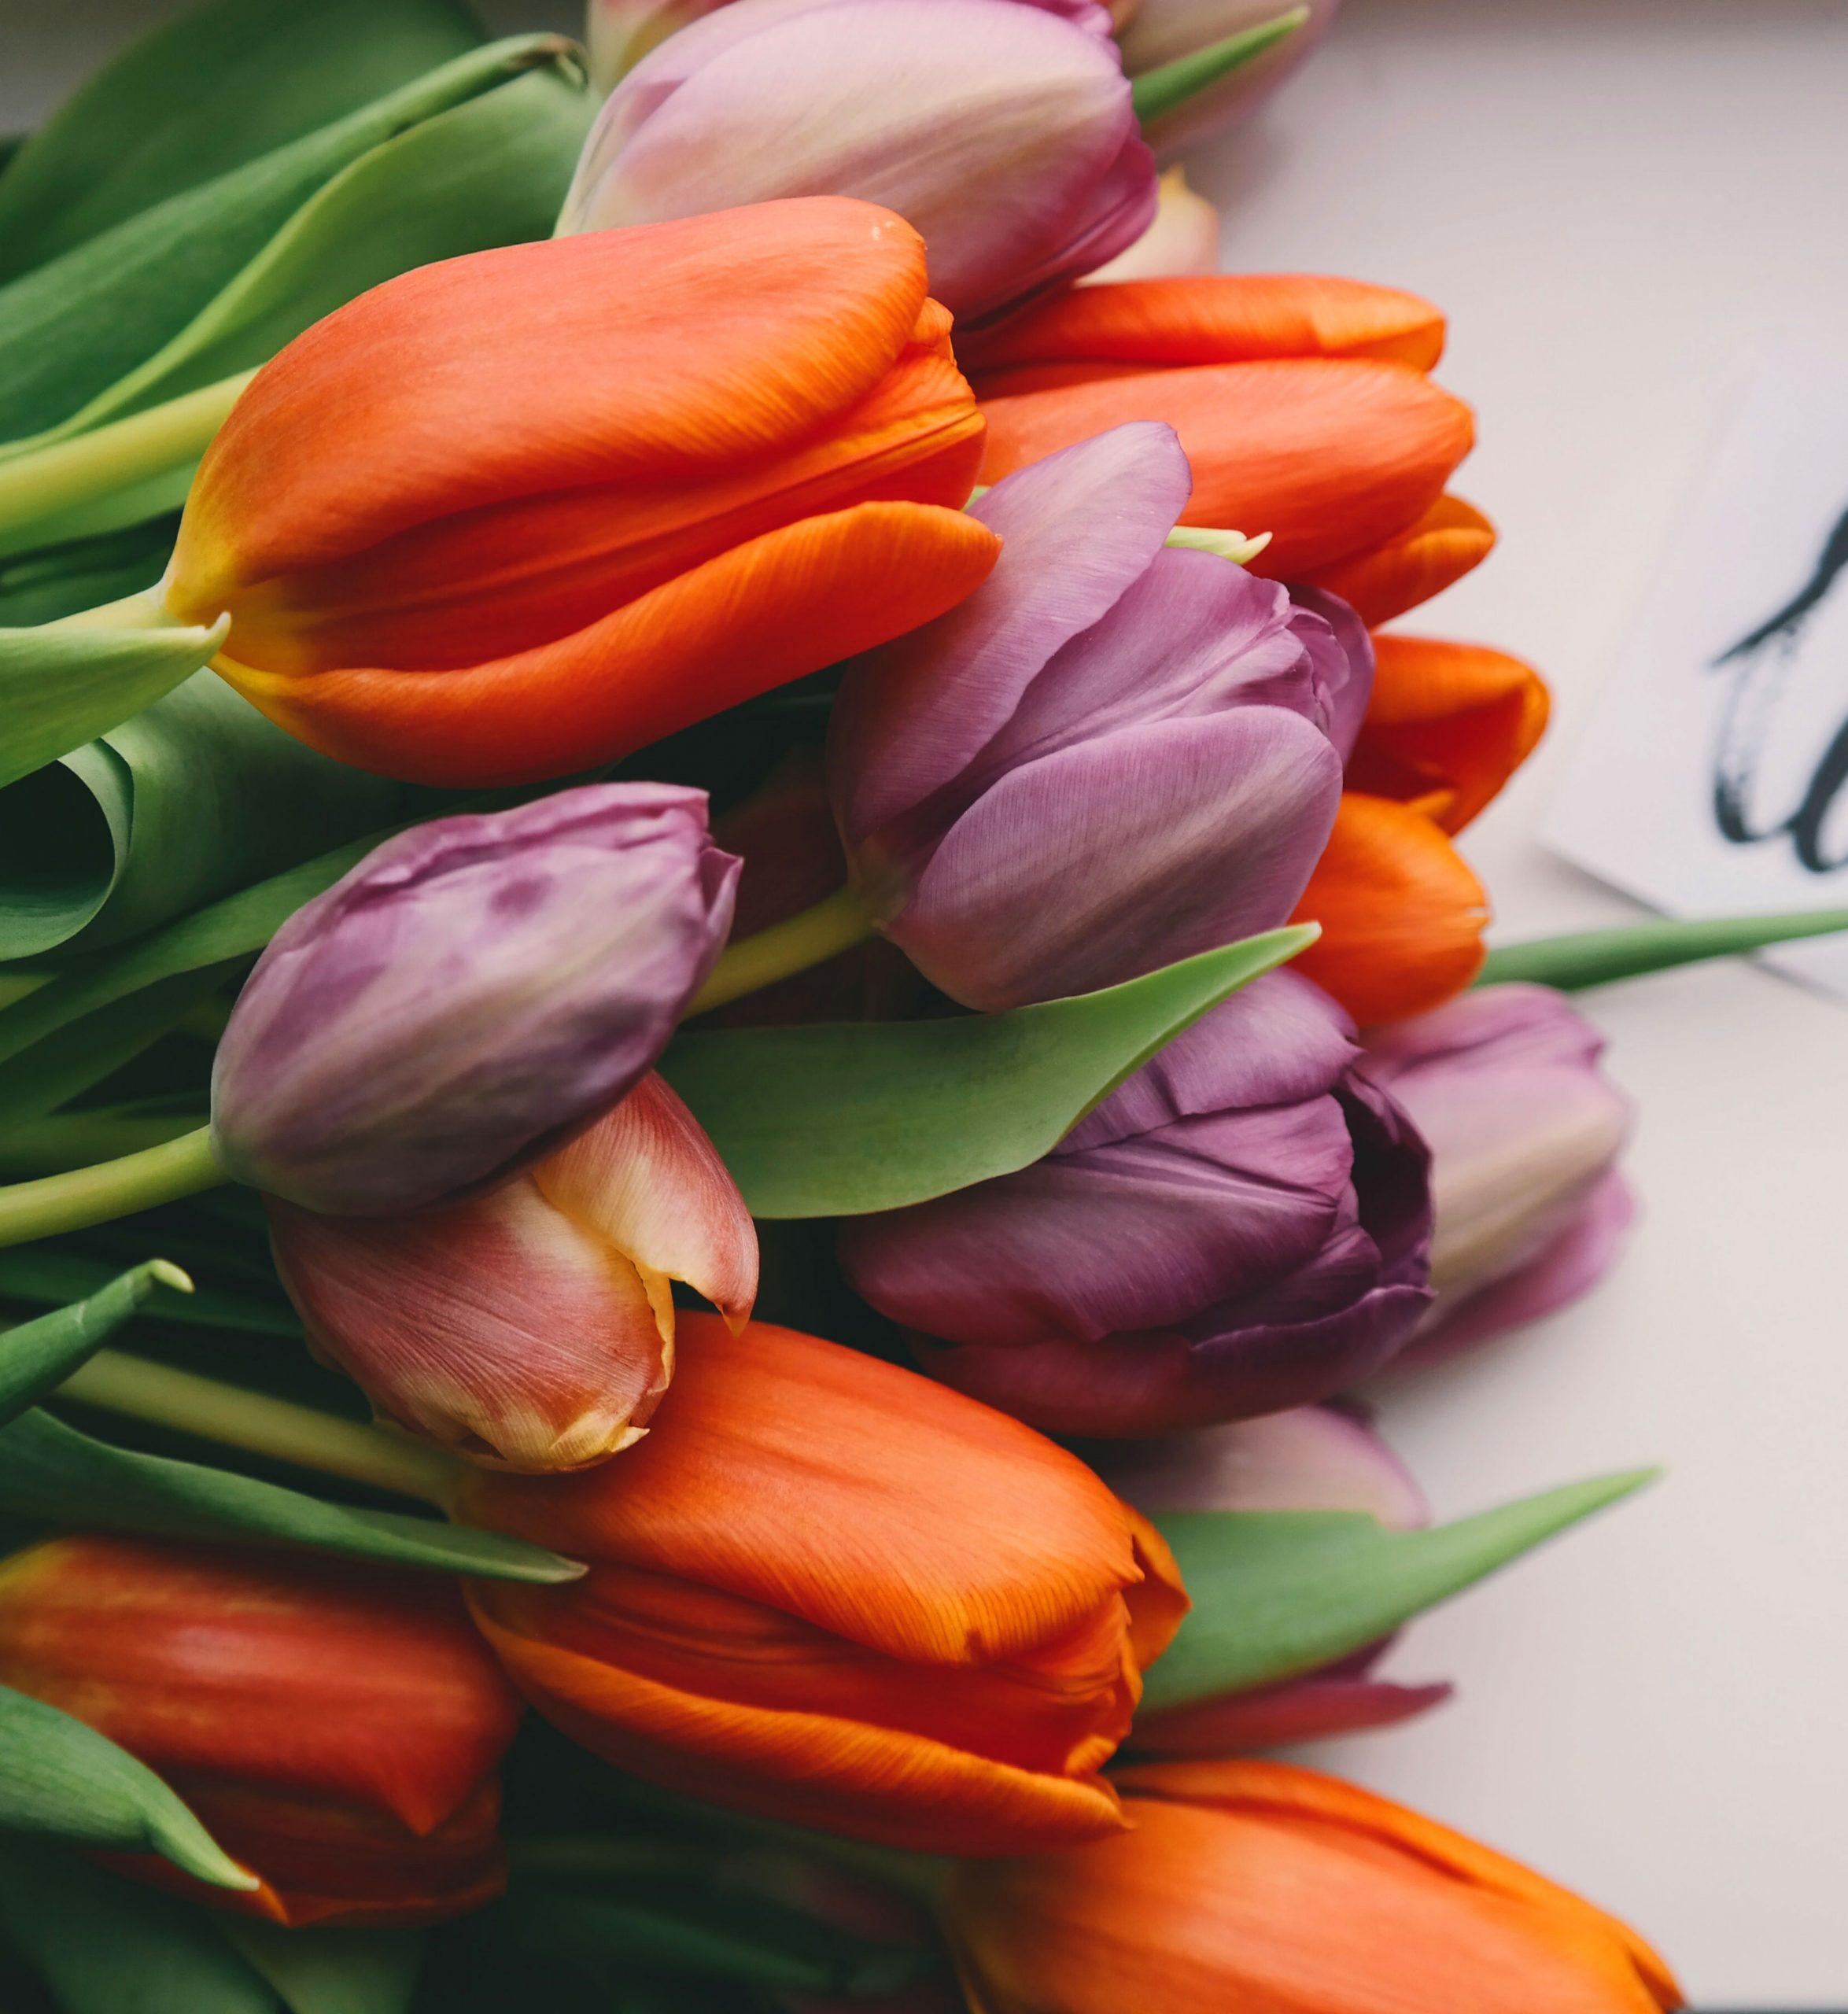 flower Love Couple Sad Dp Images hd